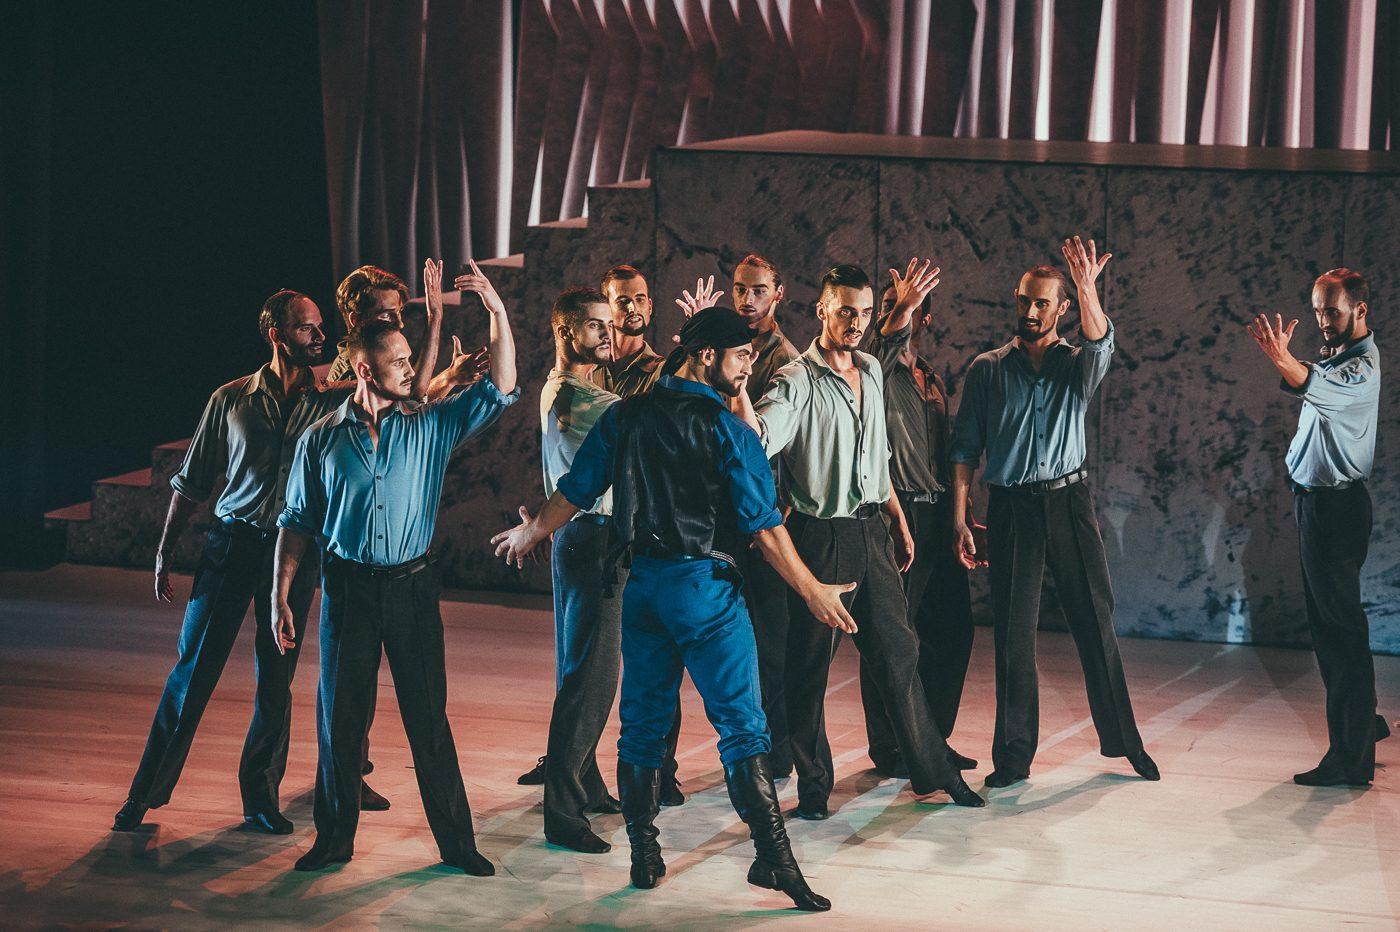 Premjera Zorba Muzikinis Teatras E.sabaliauskaite 008